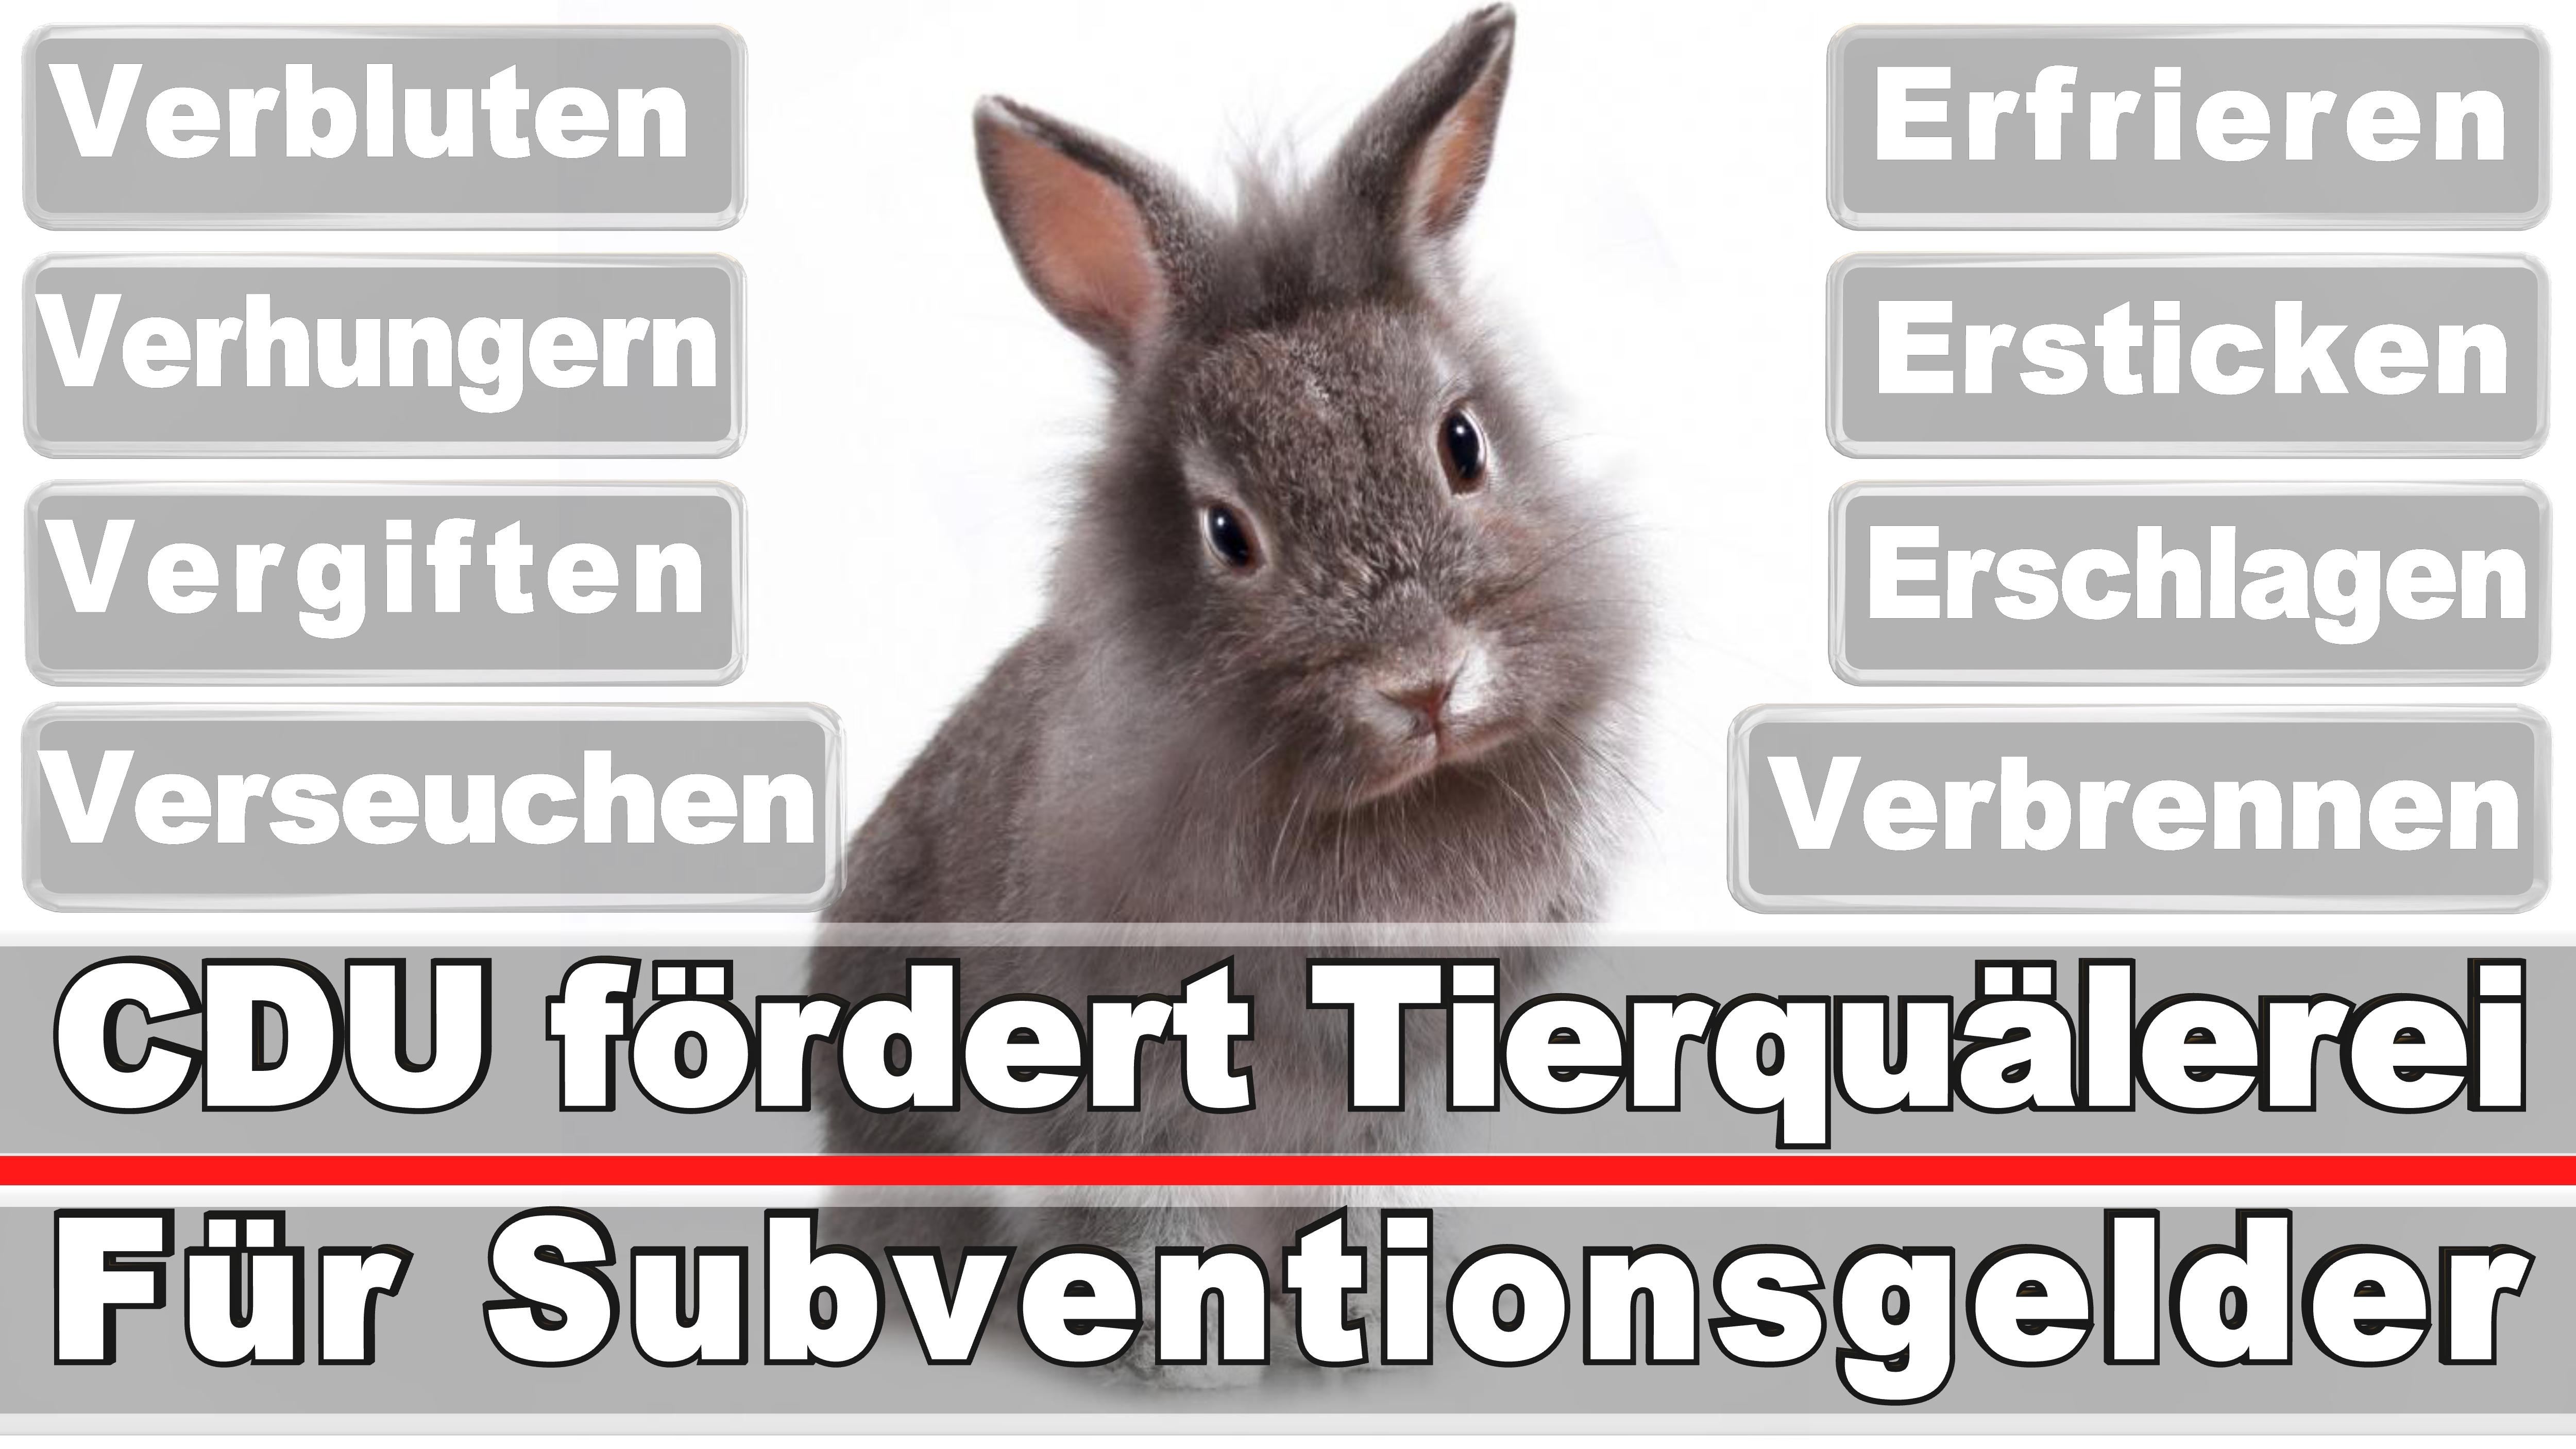 Landtagswahl-Bundestagswahl-CDU-SPD-FDP-AFD-Linke-Piraten (8)